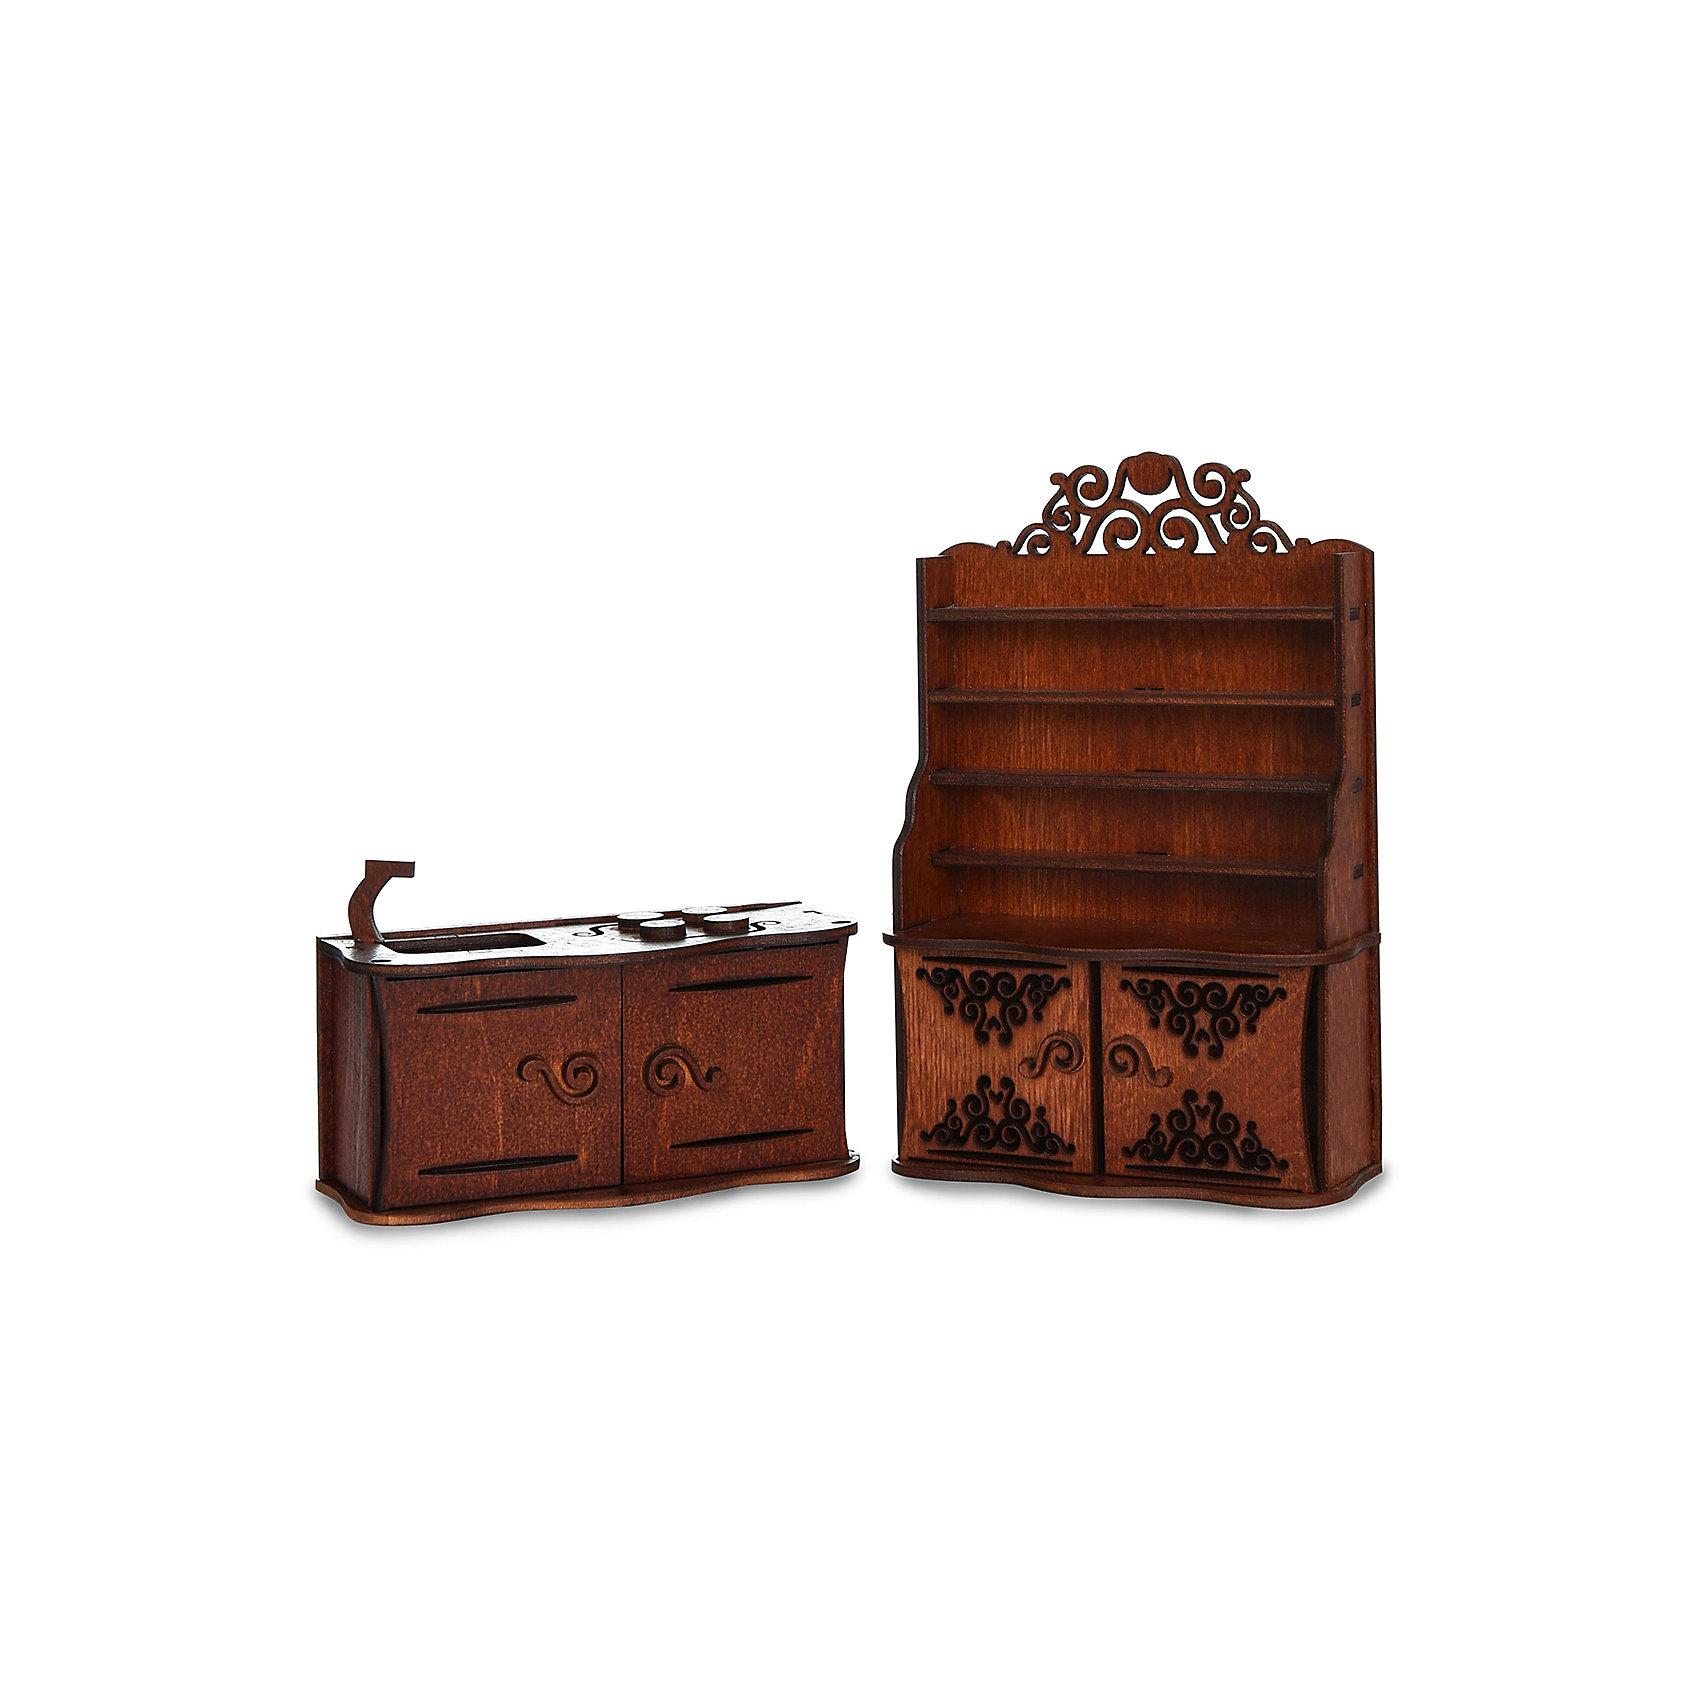 Комплект мебели ЯиГрушка Кухня 2 предметаДетские кухни<br>Характеристики товара:<br><br>• возраст: от 4 лет;<br>• материал: дерево (фанера);<br>• серия: одним перкрасным утром;<br>• в наборе: буфет, кухонный гарнитур;<br>• высота буфета: 16,5 см;<br>• размер упаковки: 20х13х11см;<br>• страна производства: Россия.<br><br>Набор кухонного гарнитура включает в себя буфет и тумбу с плитой и встроенной раковиной. На открытых полках буфета можно аккуратно расставить красивую посуду,чайный сервиз, вазу с любимыми цветами или книги с рецептами.<br><br>Нижняя часть буфета закрывается дверцами. Здесь хозяйка дома будет хранить кухонные принадлежности, которыми она пользуется каждый день. Дверца под мойкой открывается. <br><br>Стильная мебель позволит девочке обустроить кухню для кукол. Такой набор позволит малышке развить фантазию, мелкую моторику, внимательность и аккуратность.<br><br>Комплект мебели ЯиГрушка Кухня 2 предмета можно купить в нашем интернет-магазине.<br><br>Ширина мм: 9999<br>Глубина мм: 9999<br>Высота мм: 9999<br>Вес г: 9999<br>Возраст от месяцев: 48<br>Возраст до месяцев: 2147483647<br>Пол: Женский<br>Возраст: Детский<br>SKU: 7089690